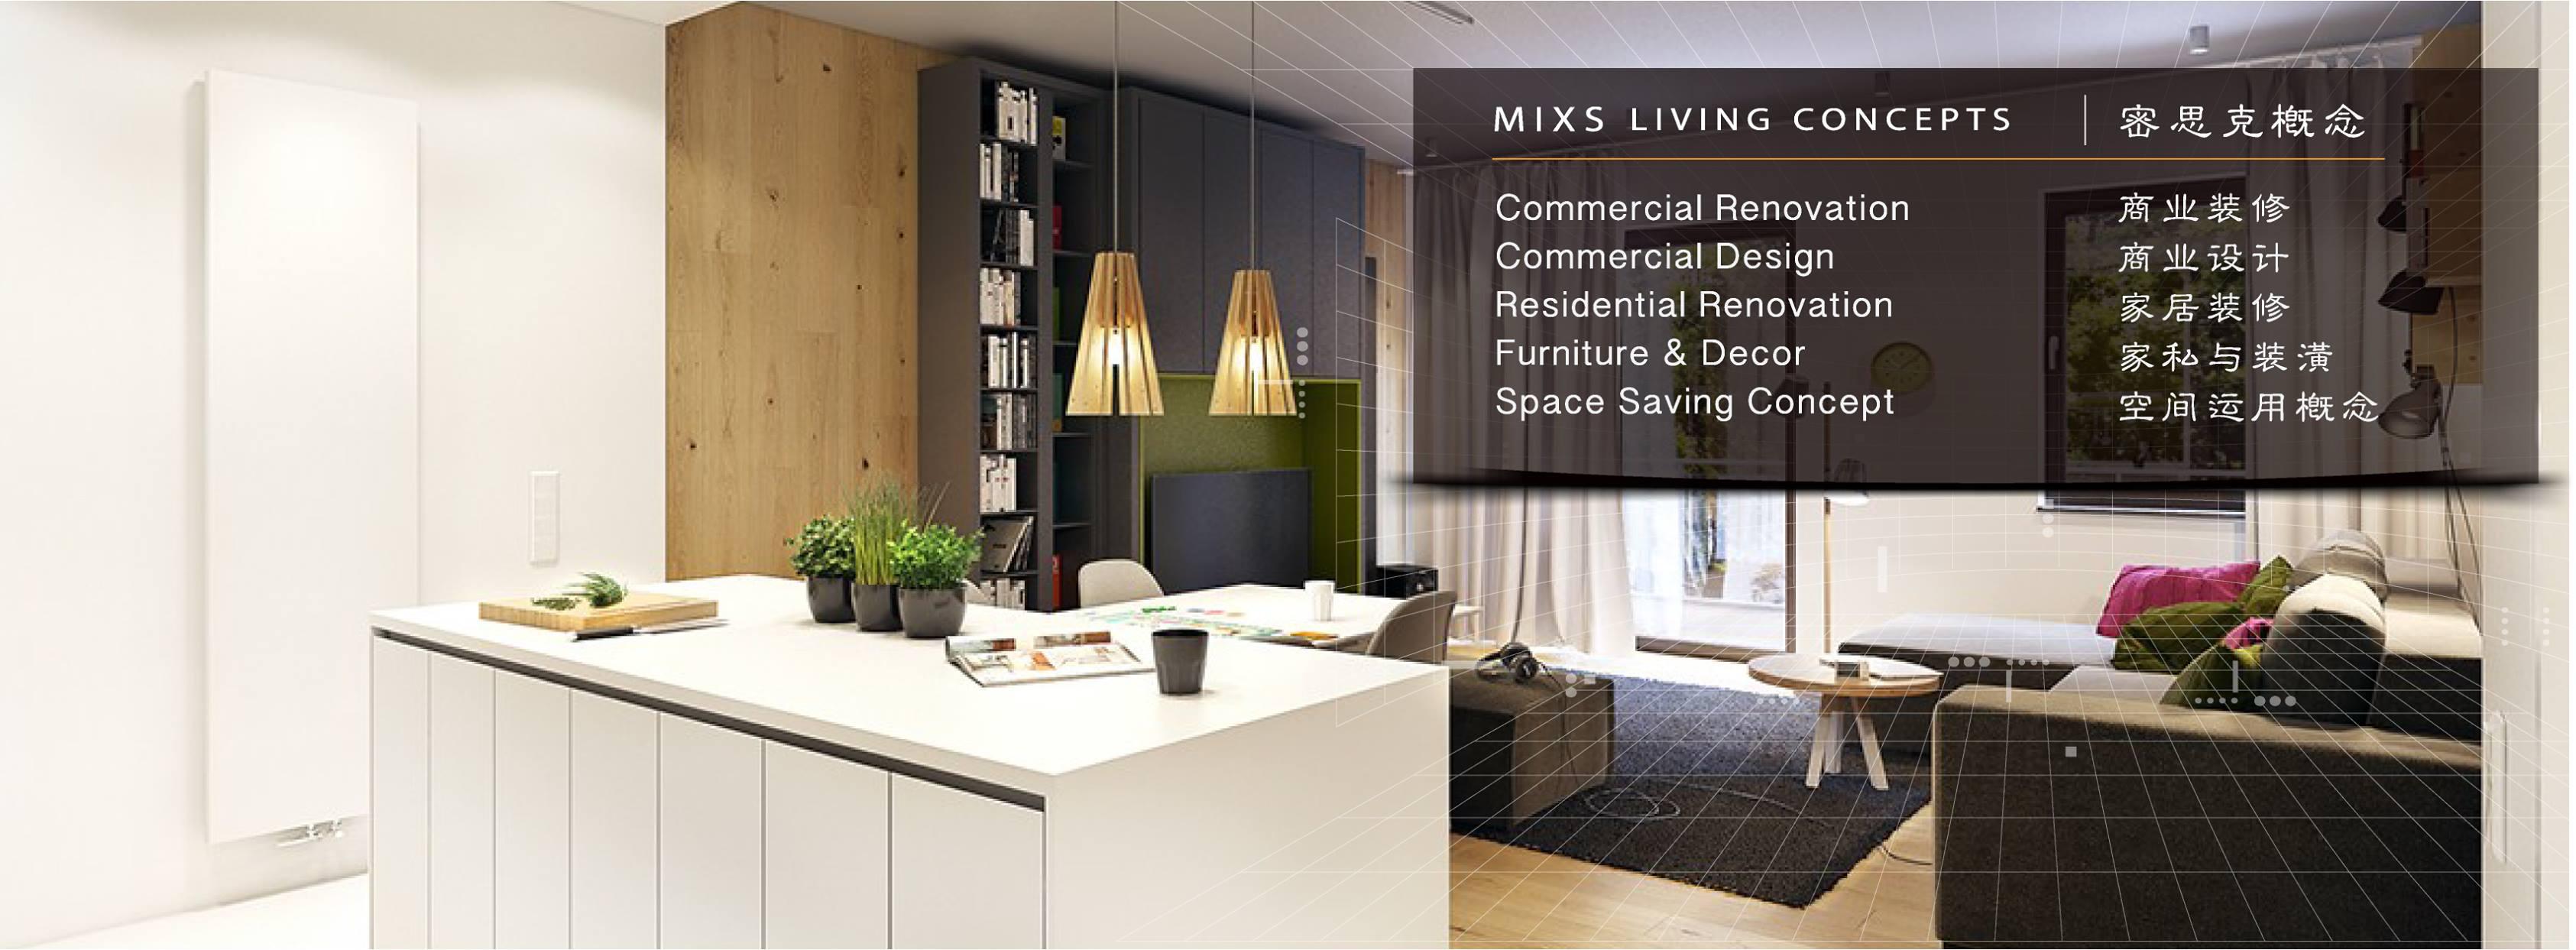 mixs-living-concepts